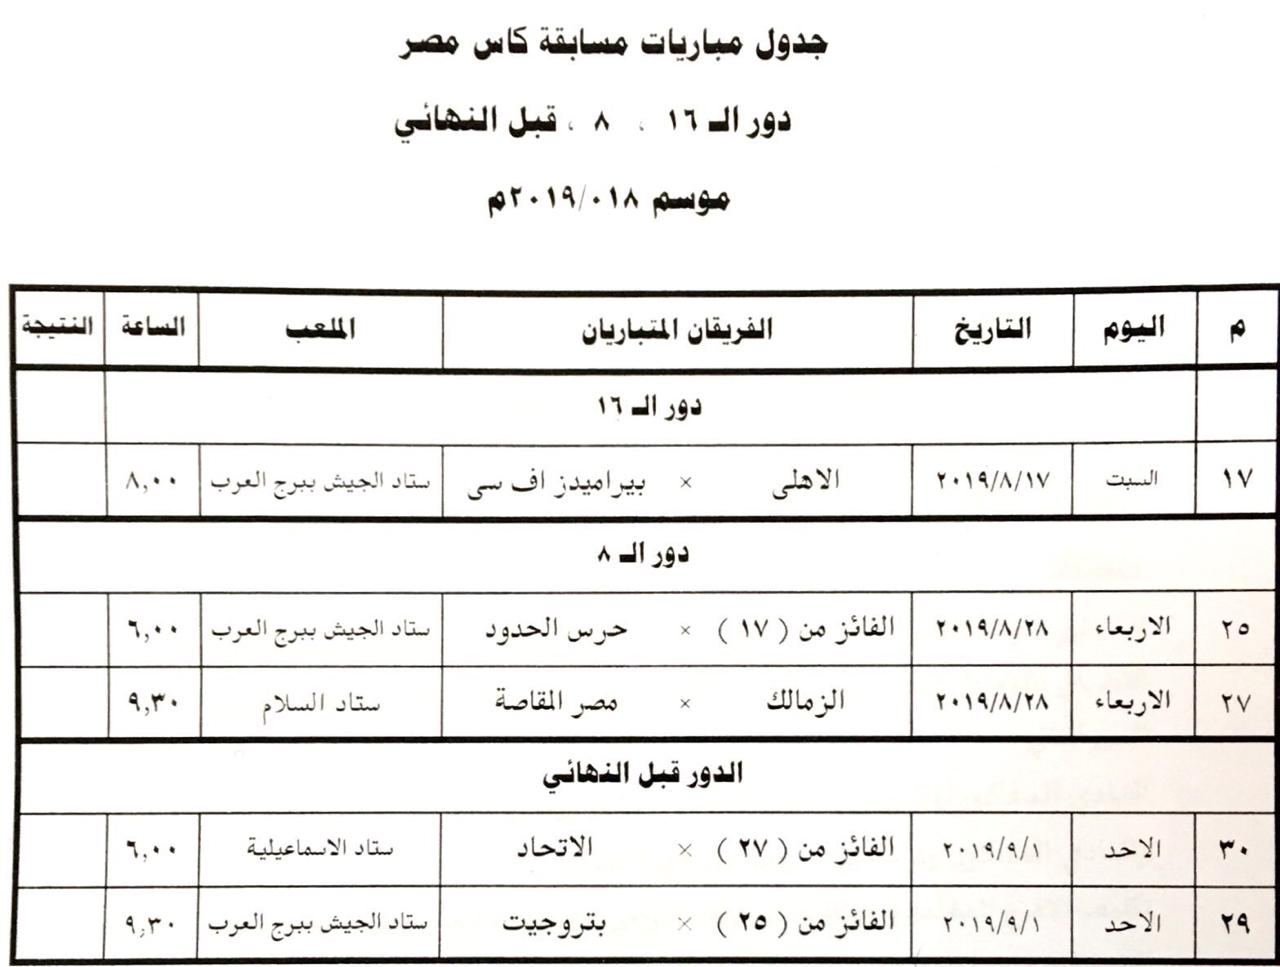 مواعيد مباريات كأس مصر 2019 لقاءات مثيرة تنتظرنا شاهد فى